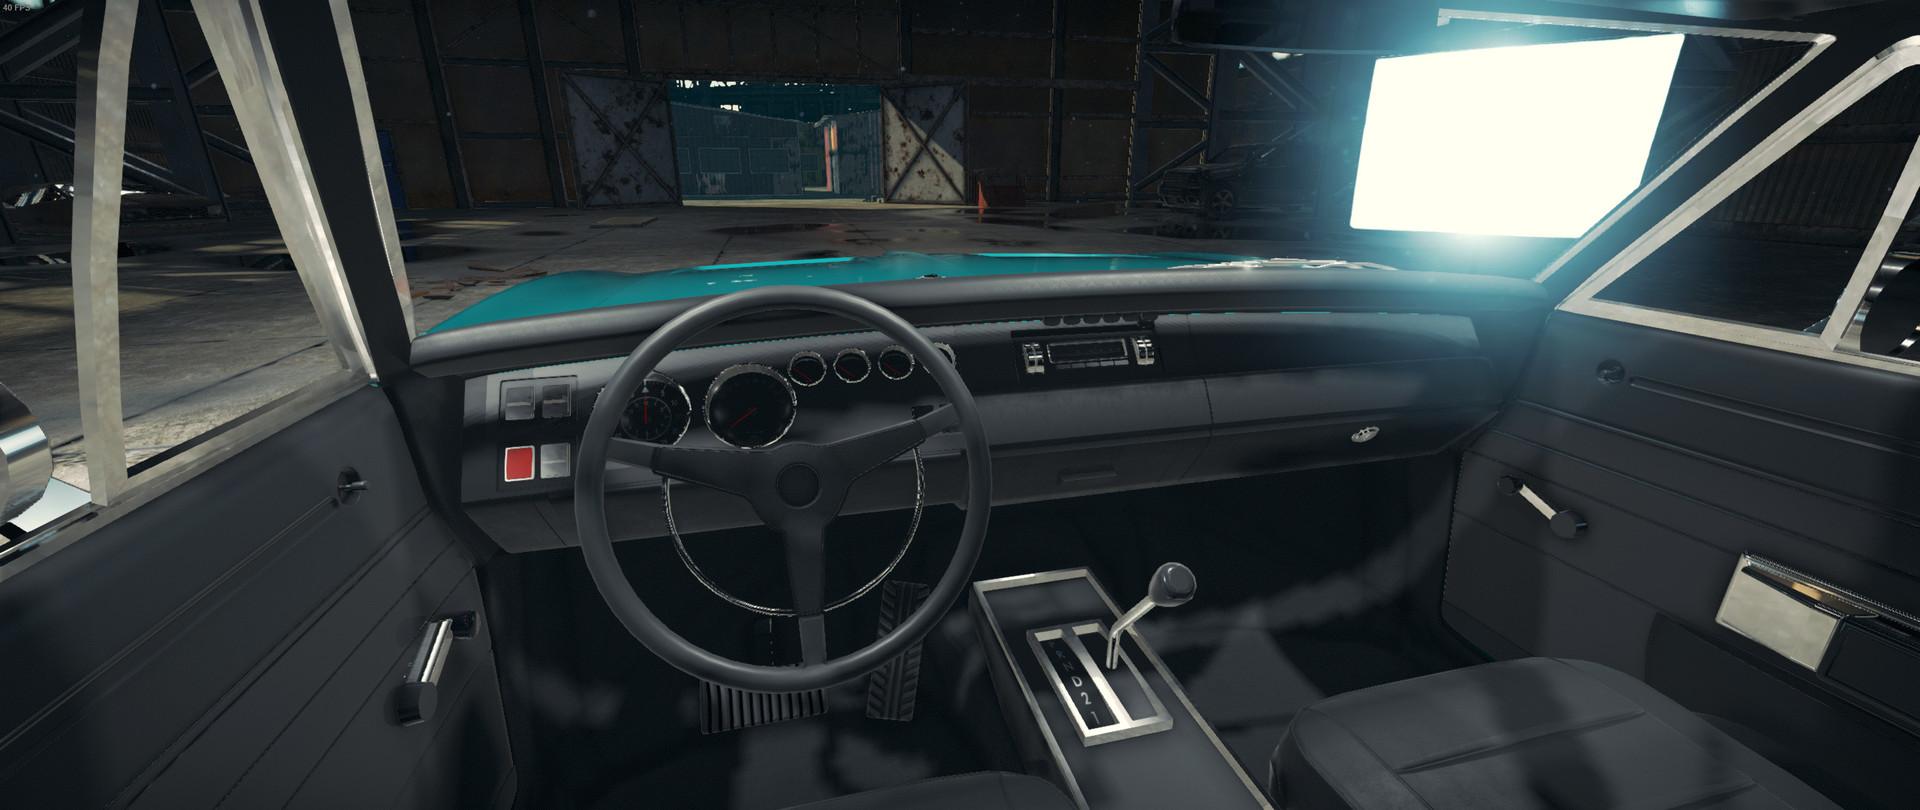 car mechanic simulator 2018 dodge dlc on steam. Black Bedroom Furniture Sets. Home Design Ideas